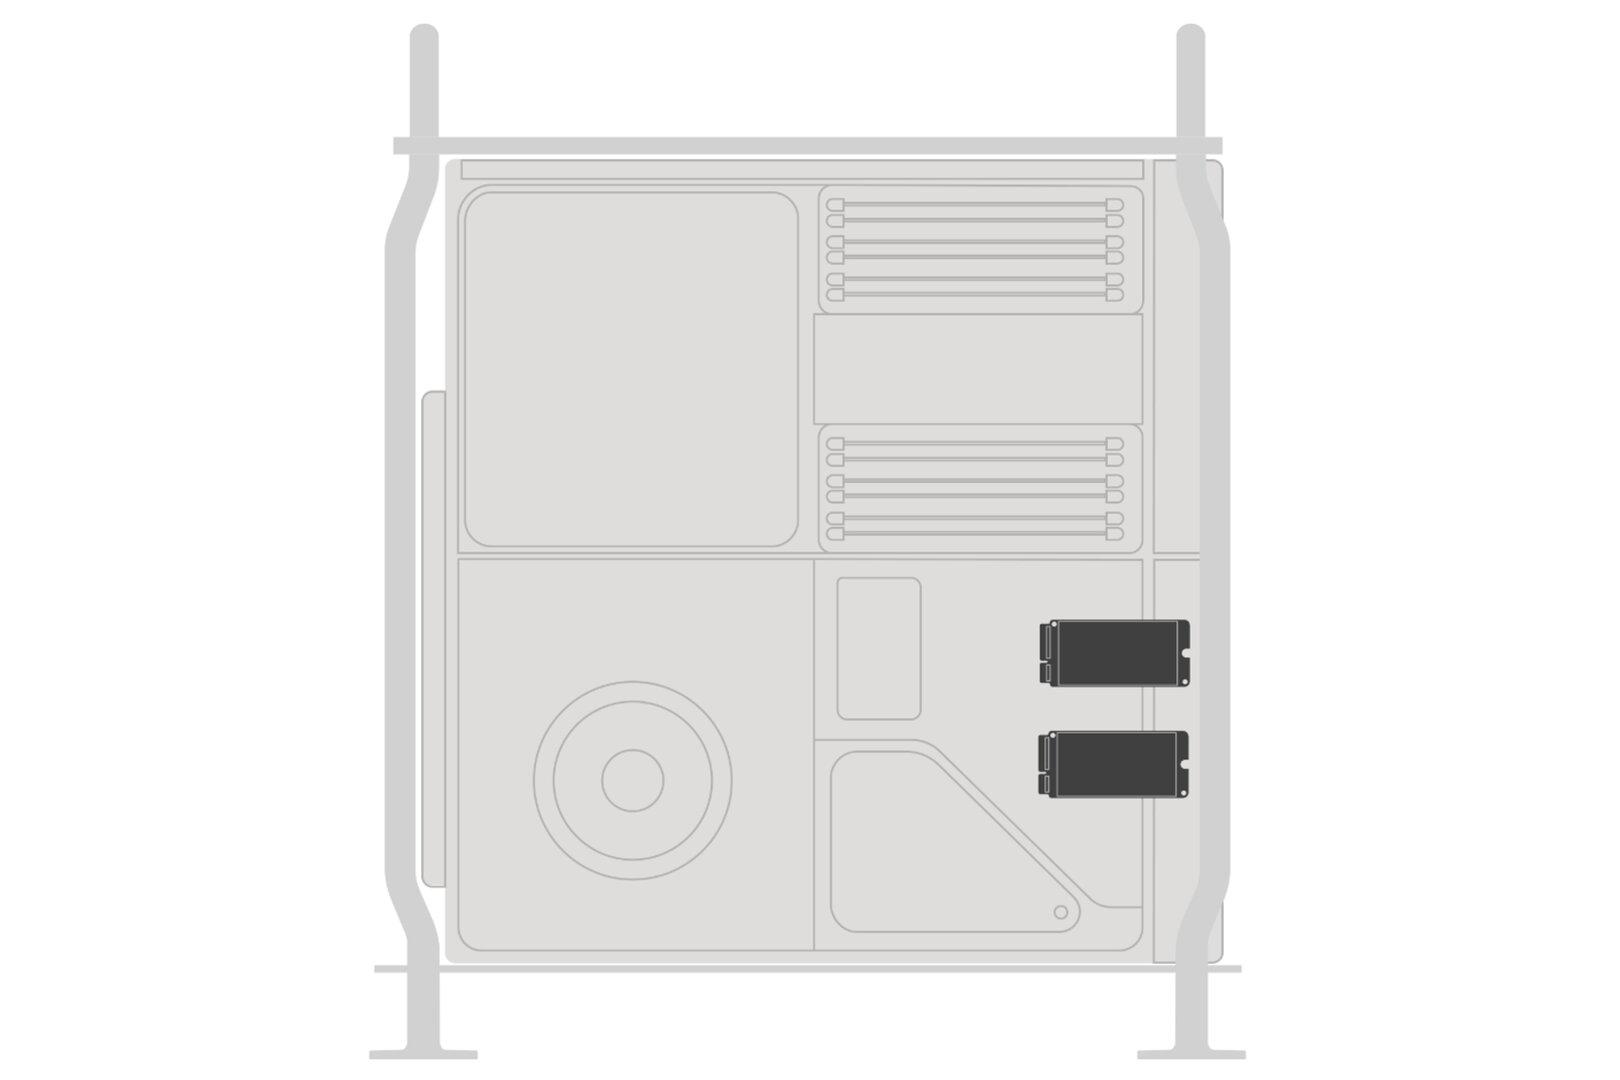 SSDs im neuen Mac Pro